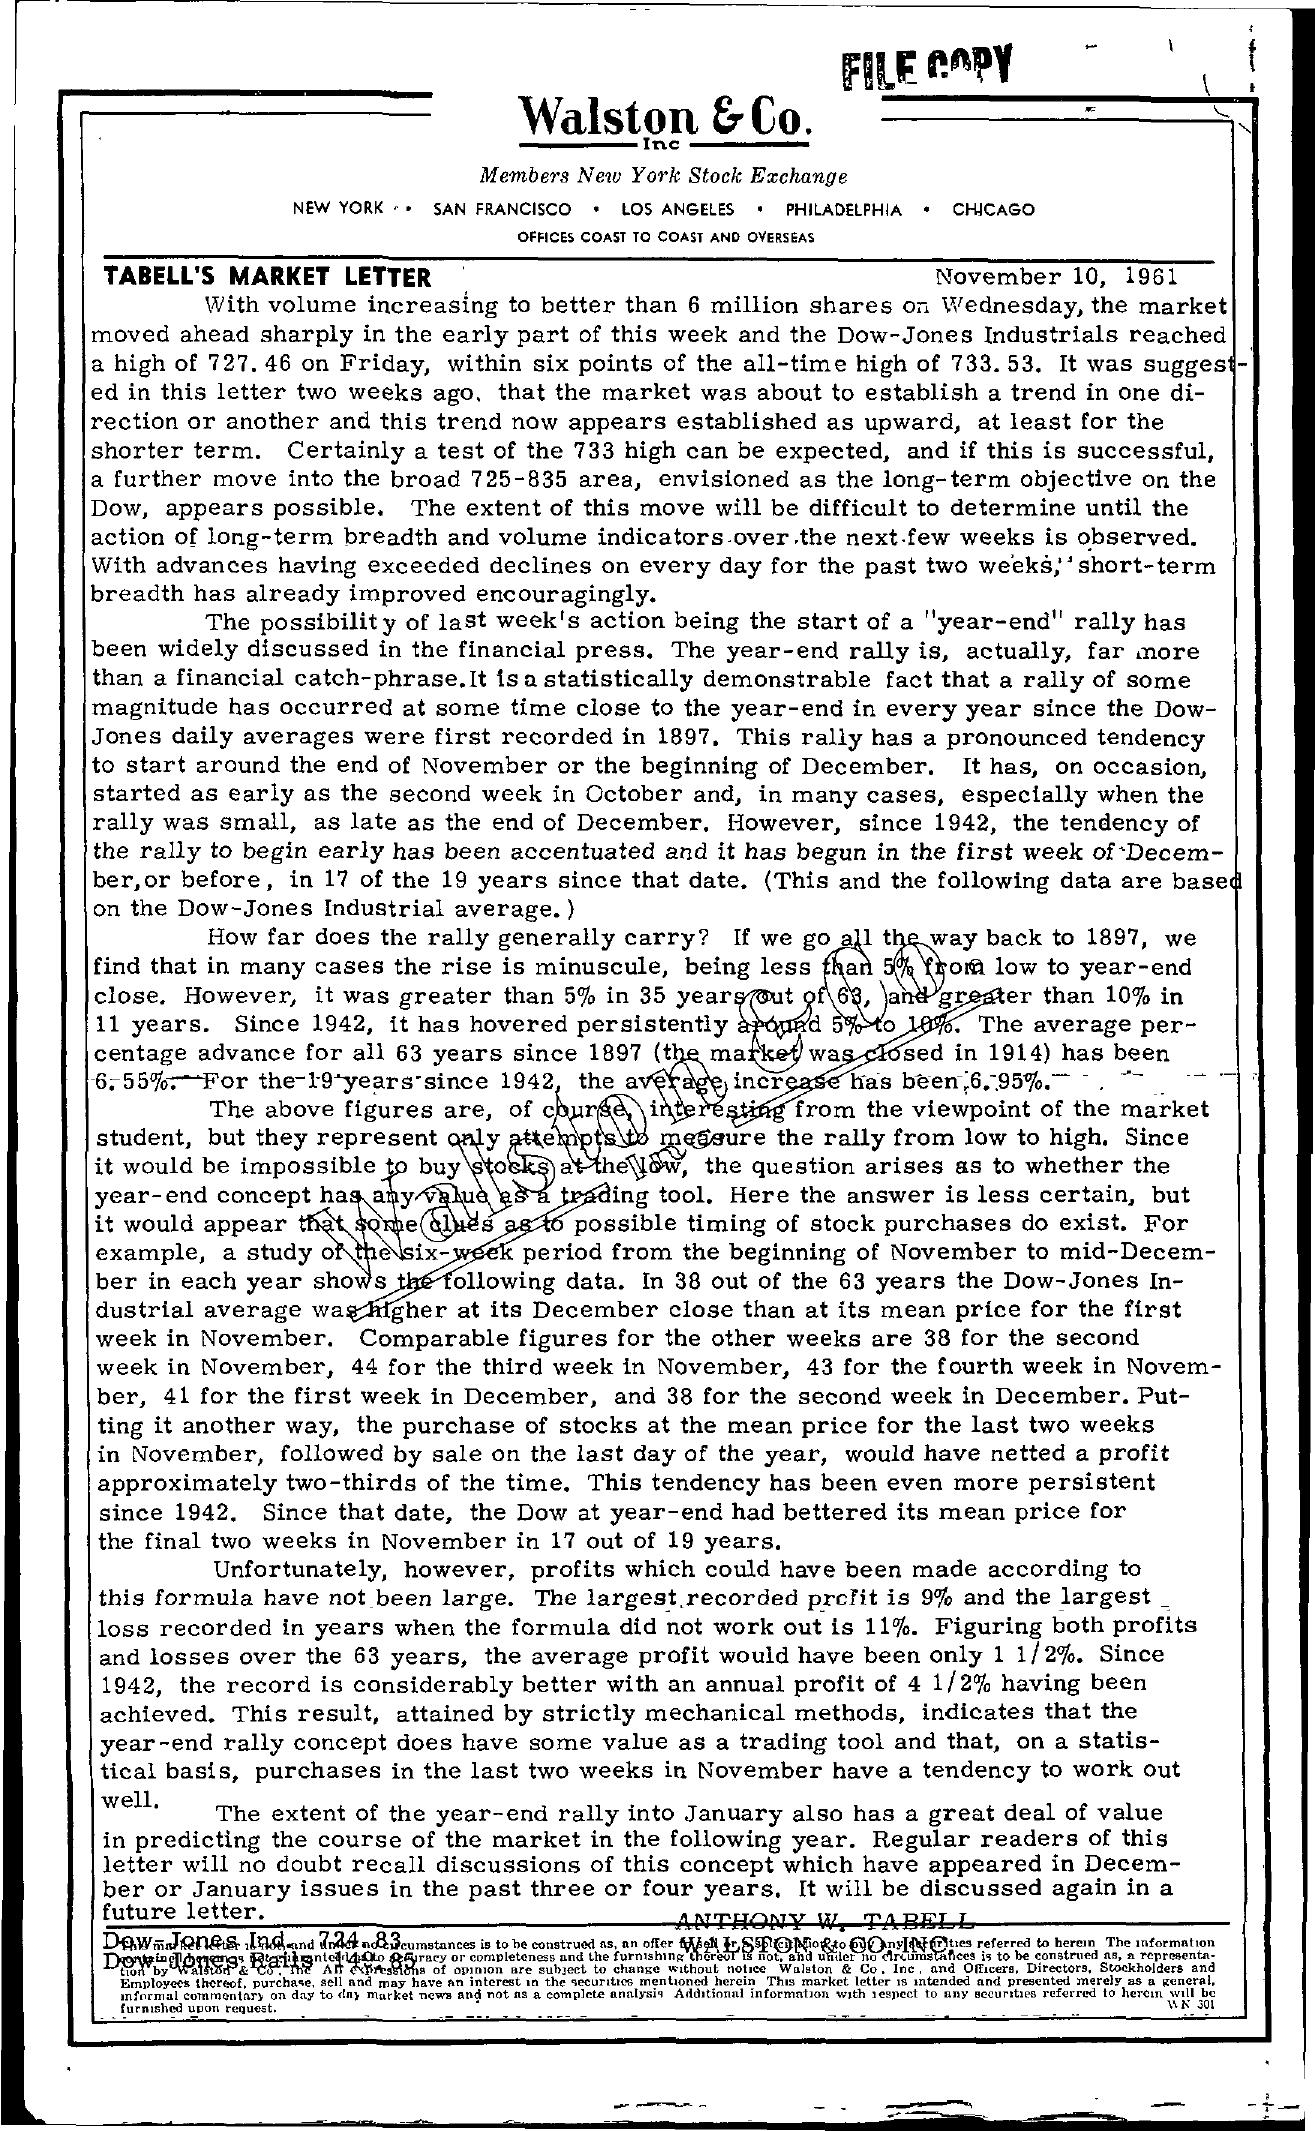 Tabell's Market Letter - November 10, 1961